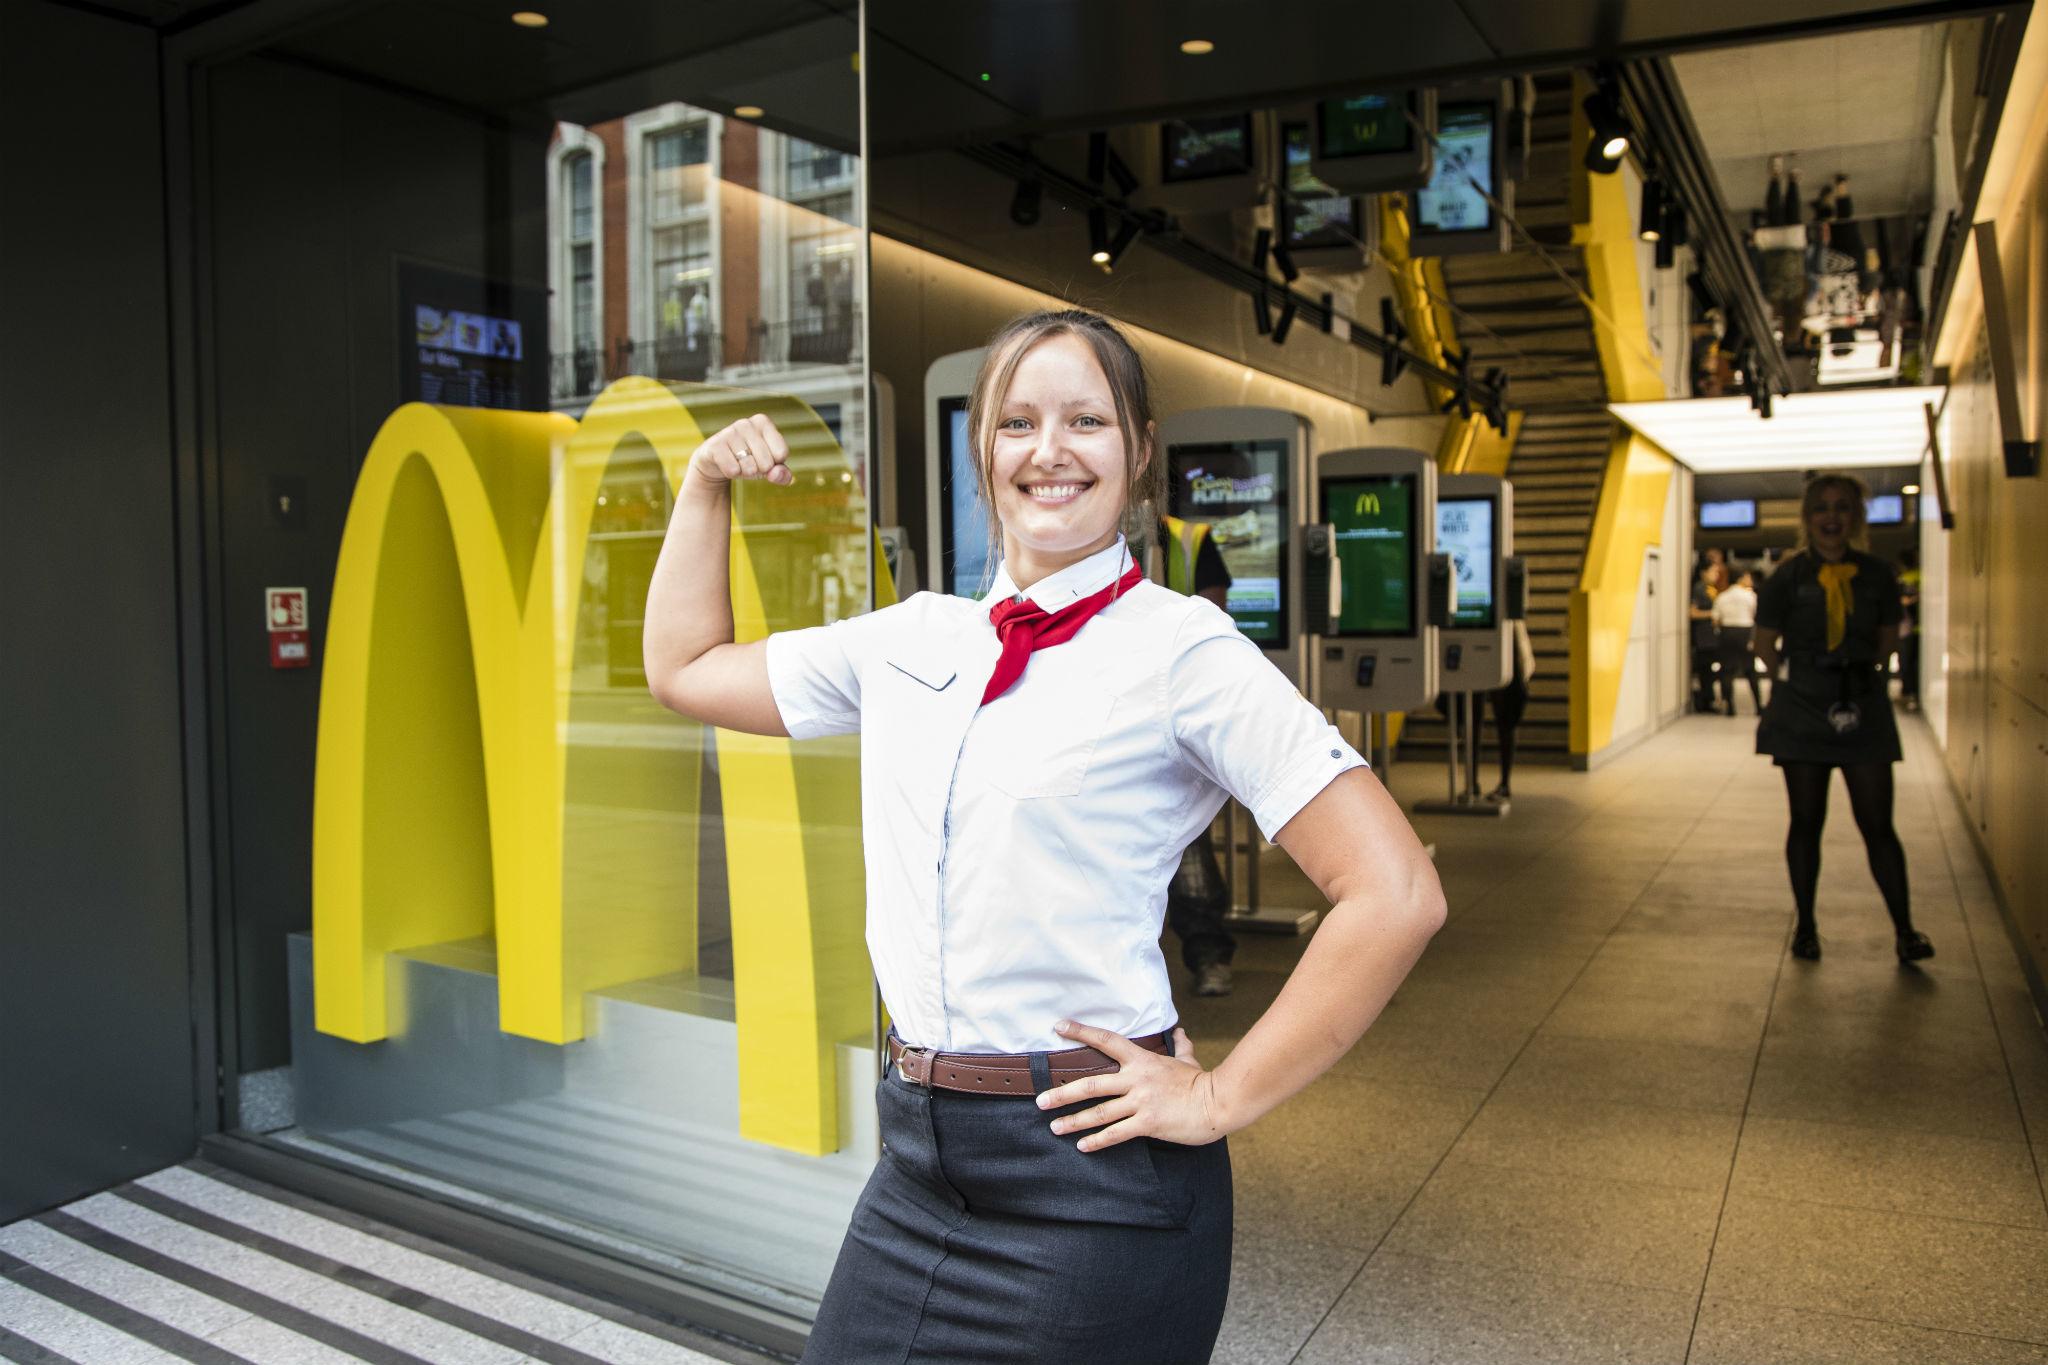 Макдоналдс картинки людей